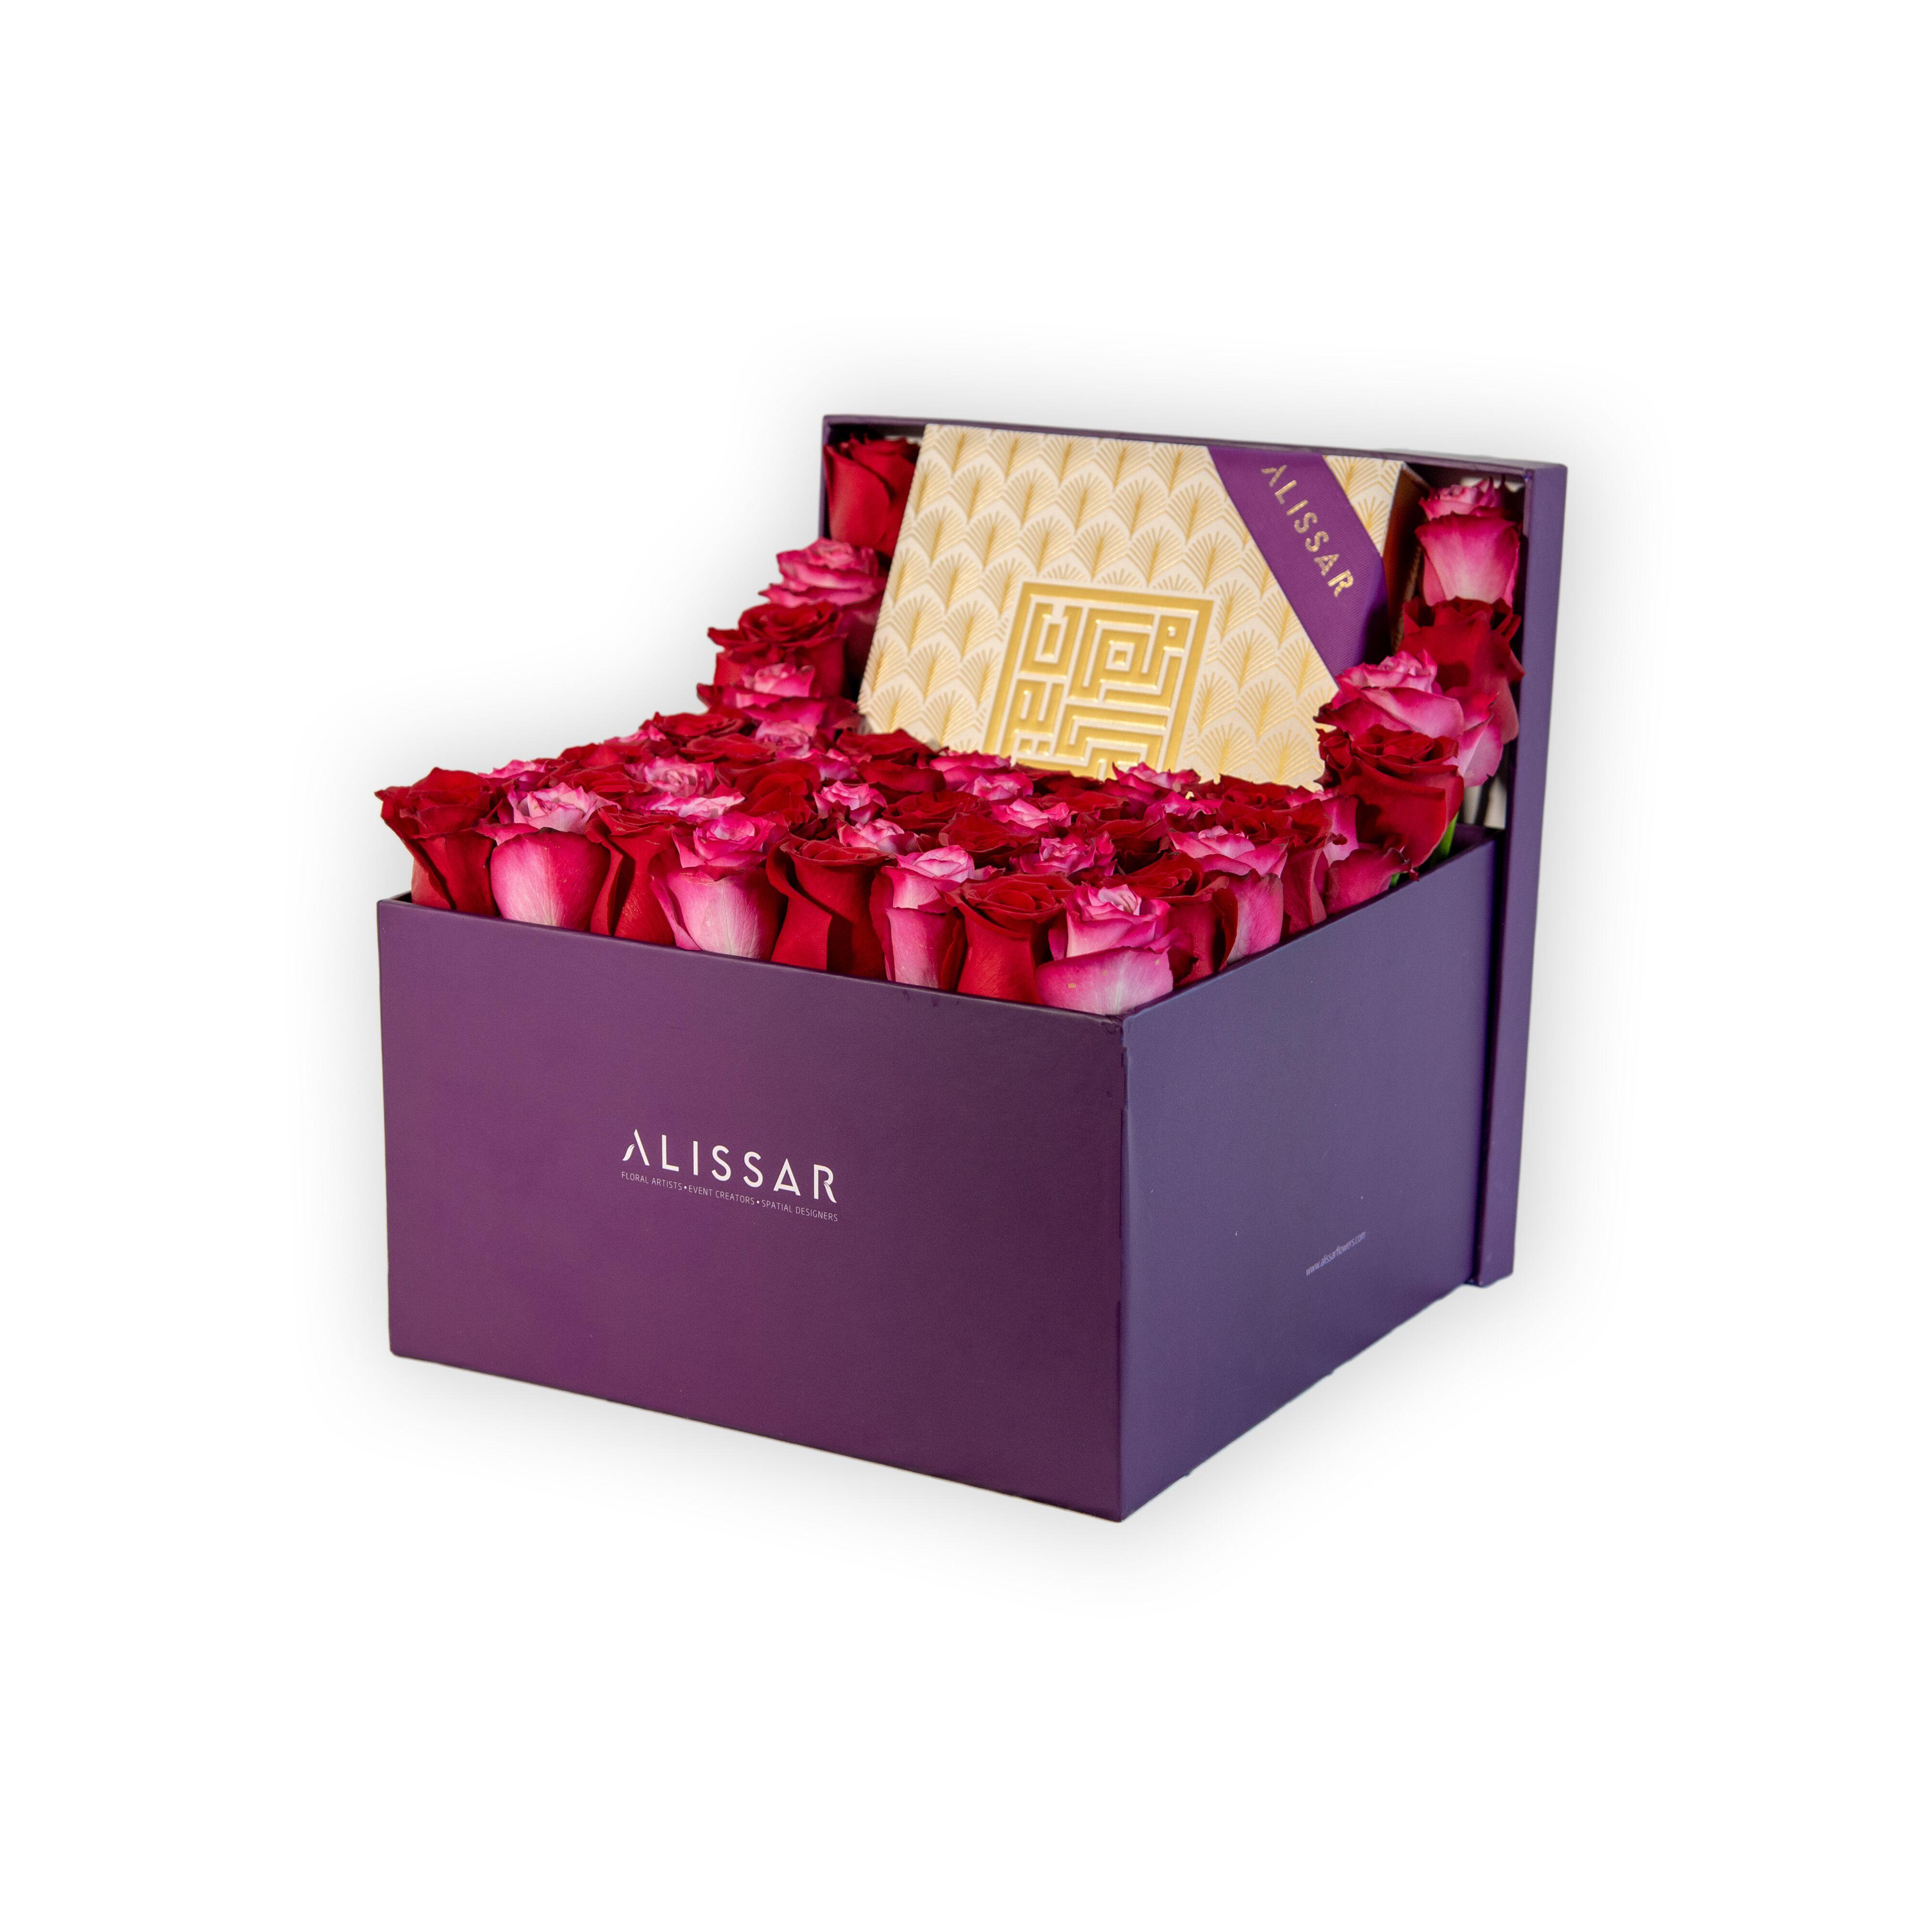 أزهار أليسار تقدم هدايا مثالية فاخرة بأسعار مناسبة خلال رمضان المبارك